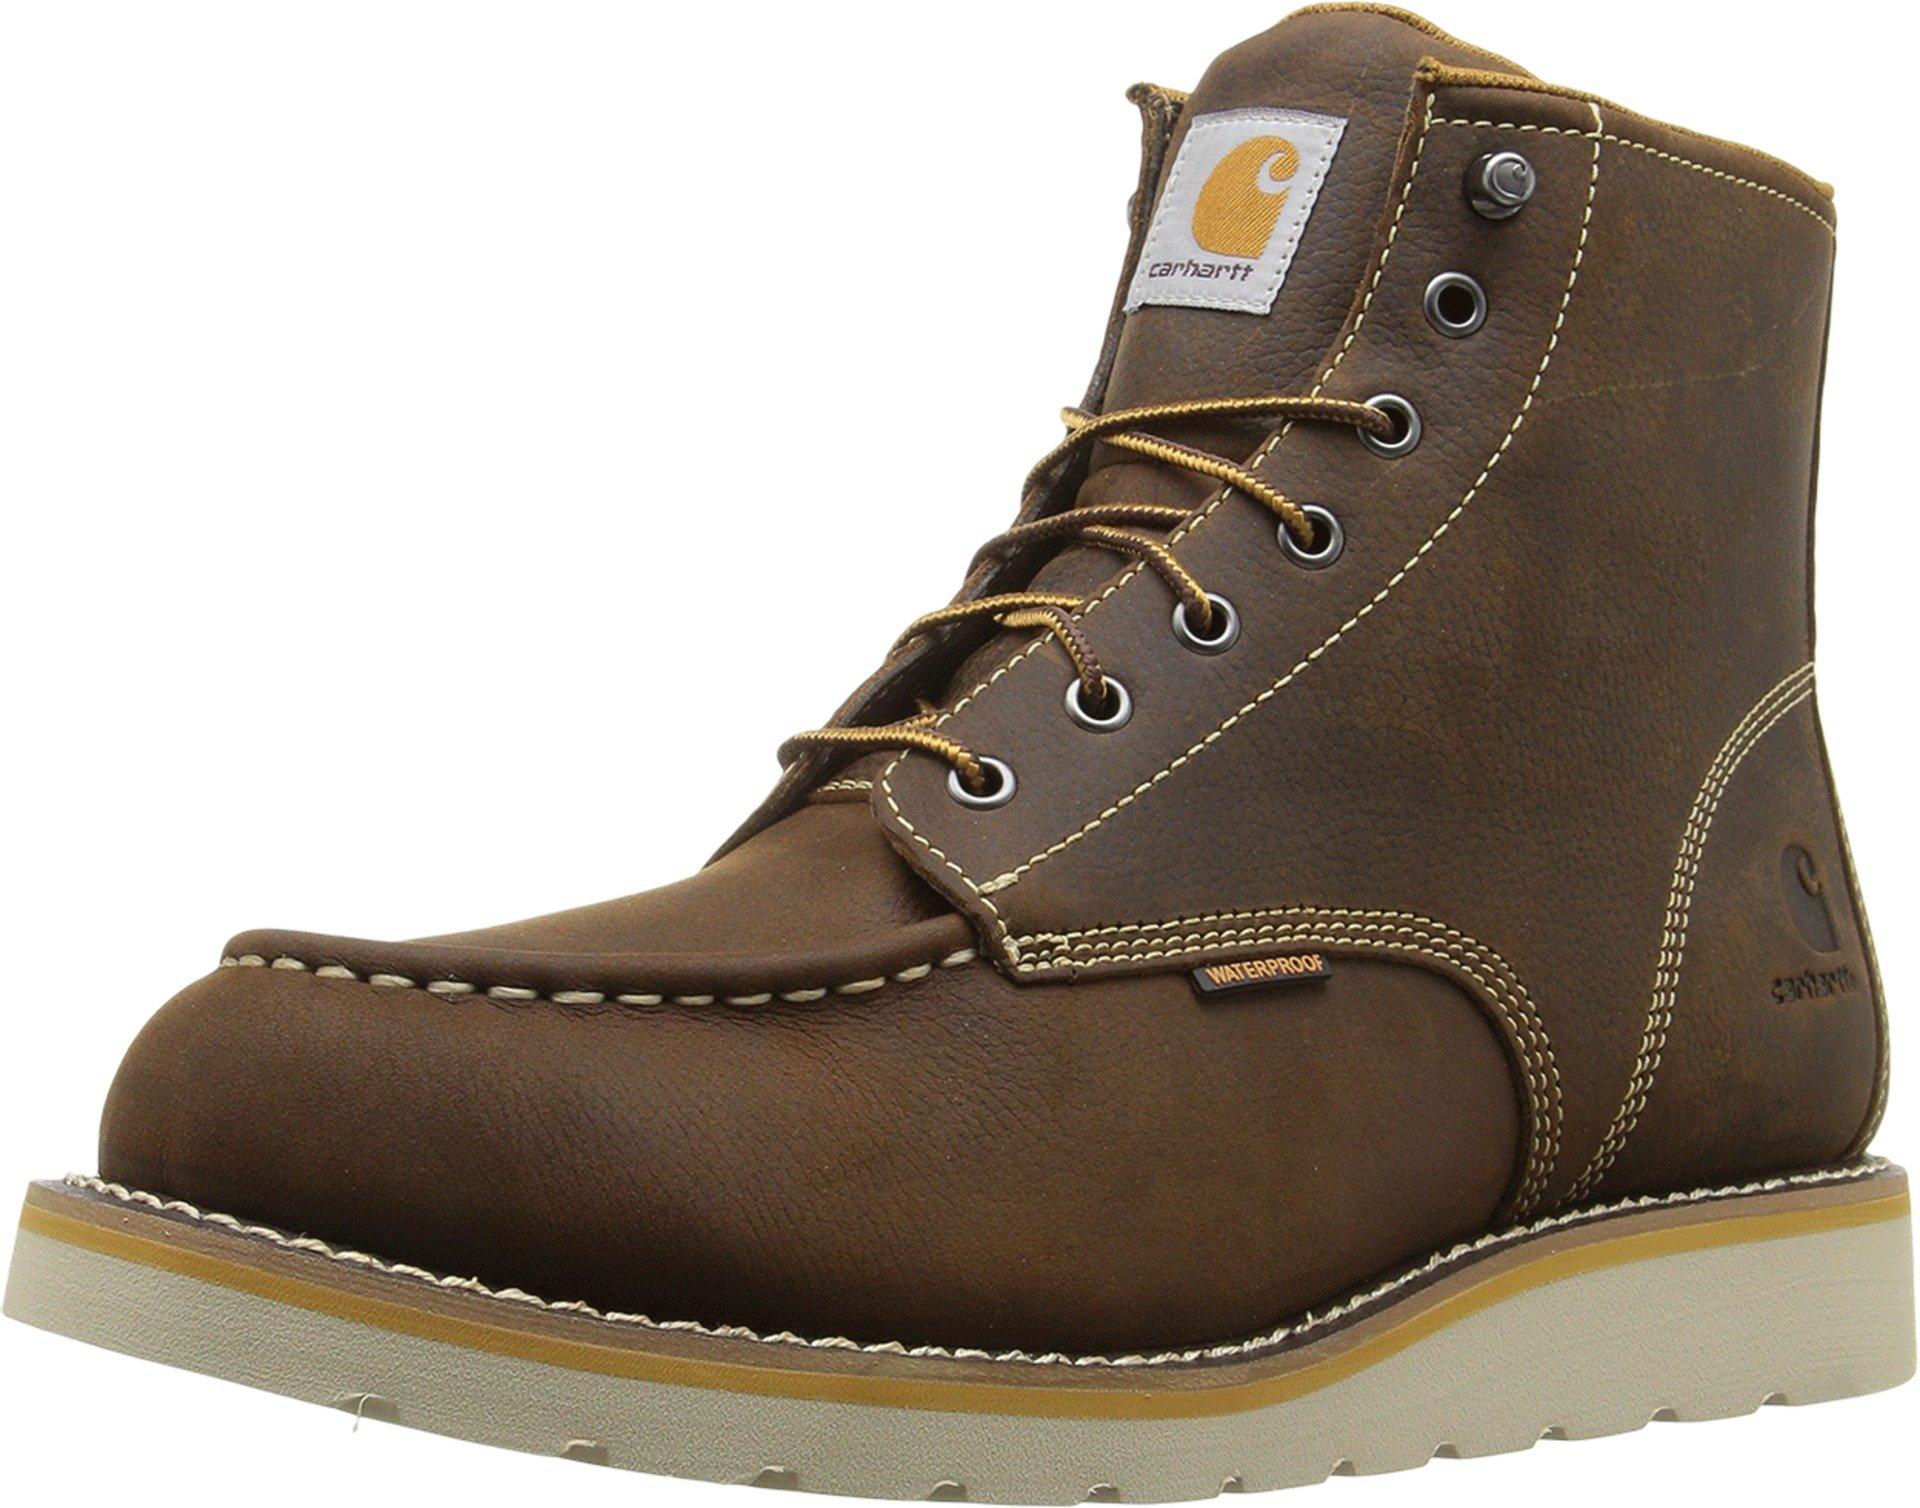 Carhartt Men's 6'' Waterproof Wedge Boot Brown Oil Tanned Leather 15 EE US